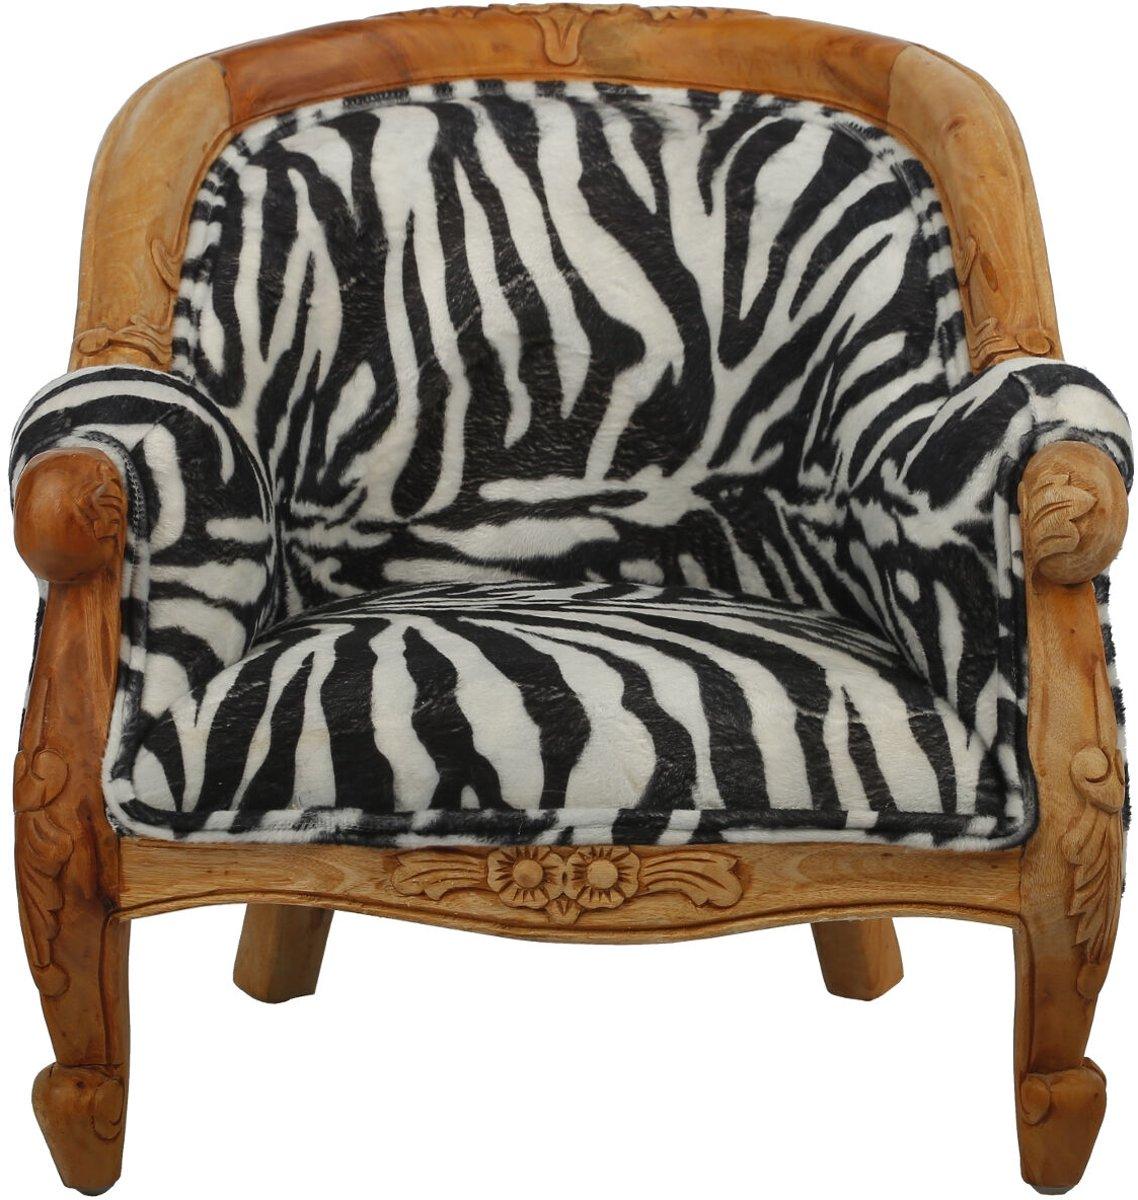 Bureaustoel Met Zebraprint.Bol Com Kinderfauteuil Zebra